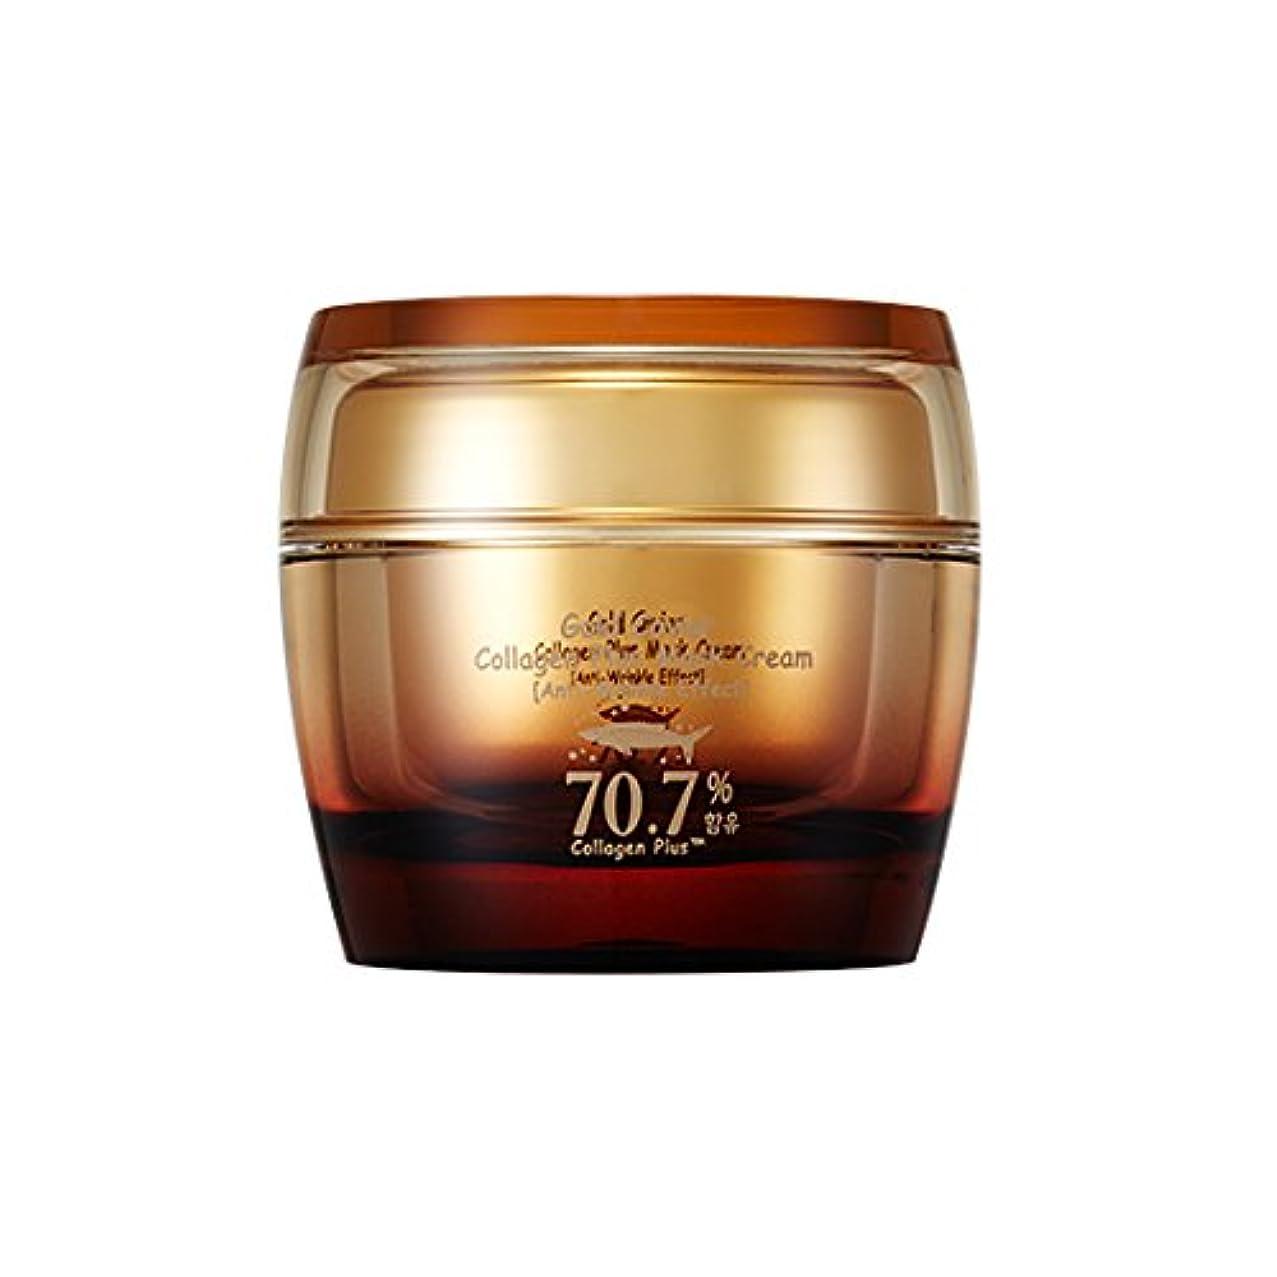 強盗コイン韻Skinfood ゴールドキャビアコラーゲンプラスクリーム(しわ防止効果) / Gold Caviar Collagen Plus Cream (Anti-Wrinkle Effect) 50g [並行輸入品]